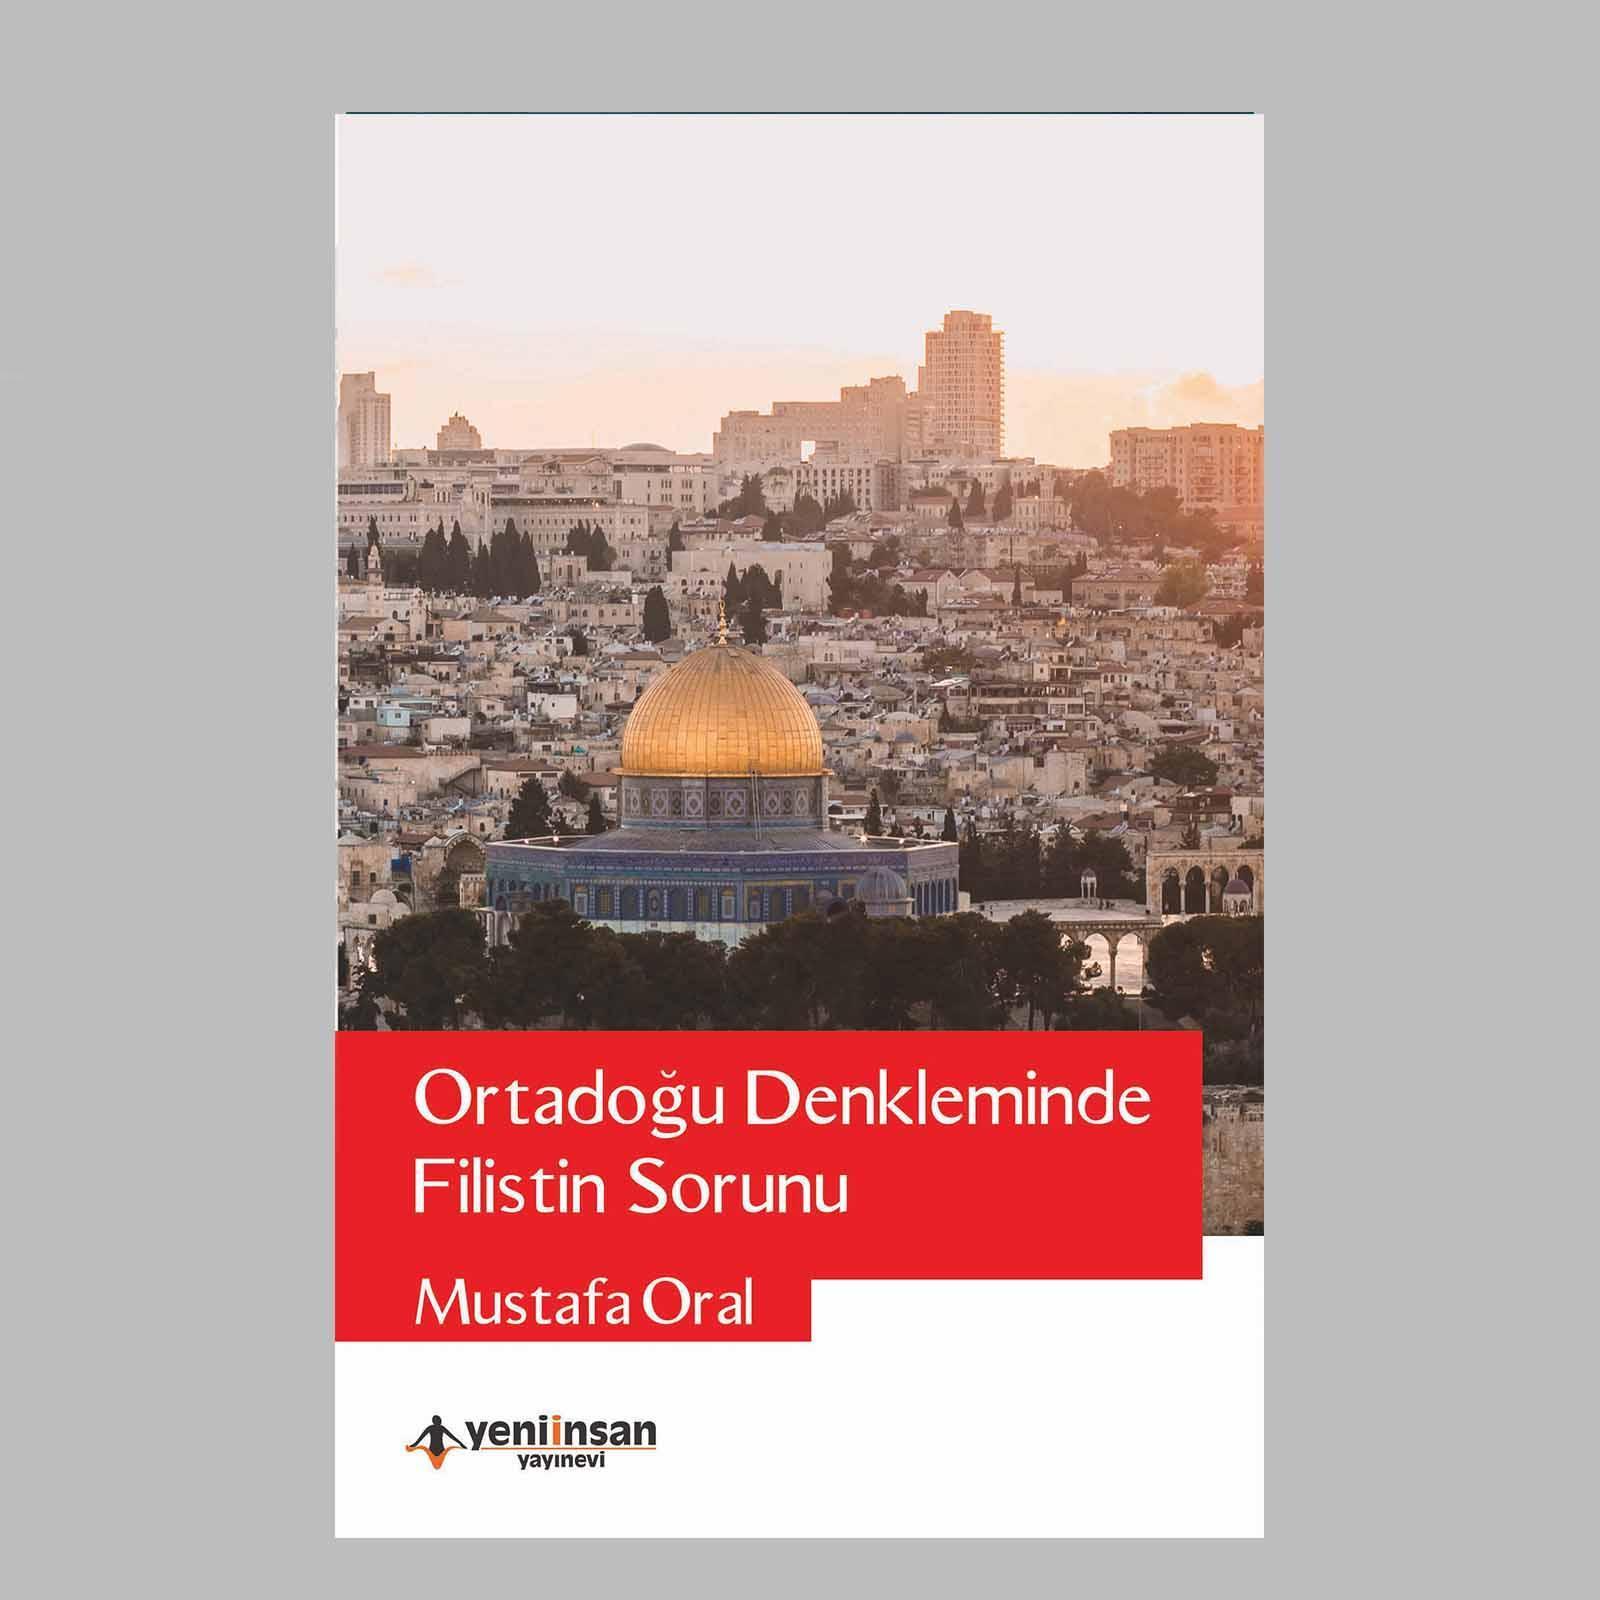 Ortadoğu Dekleminde Filistin Sorunu